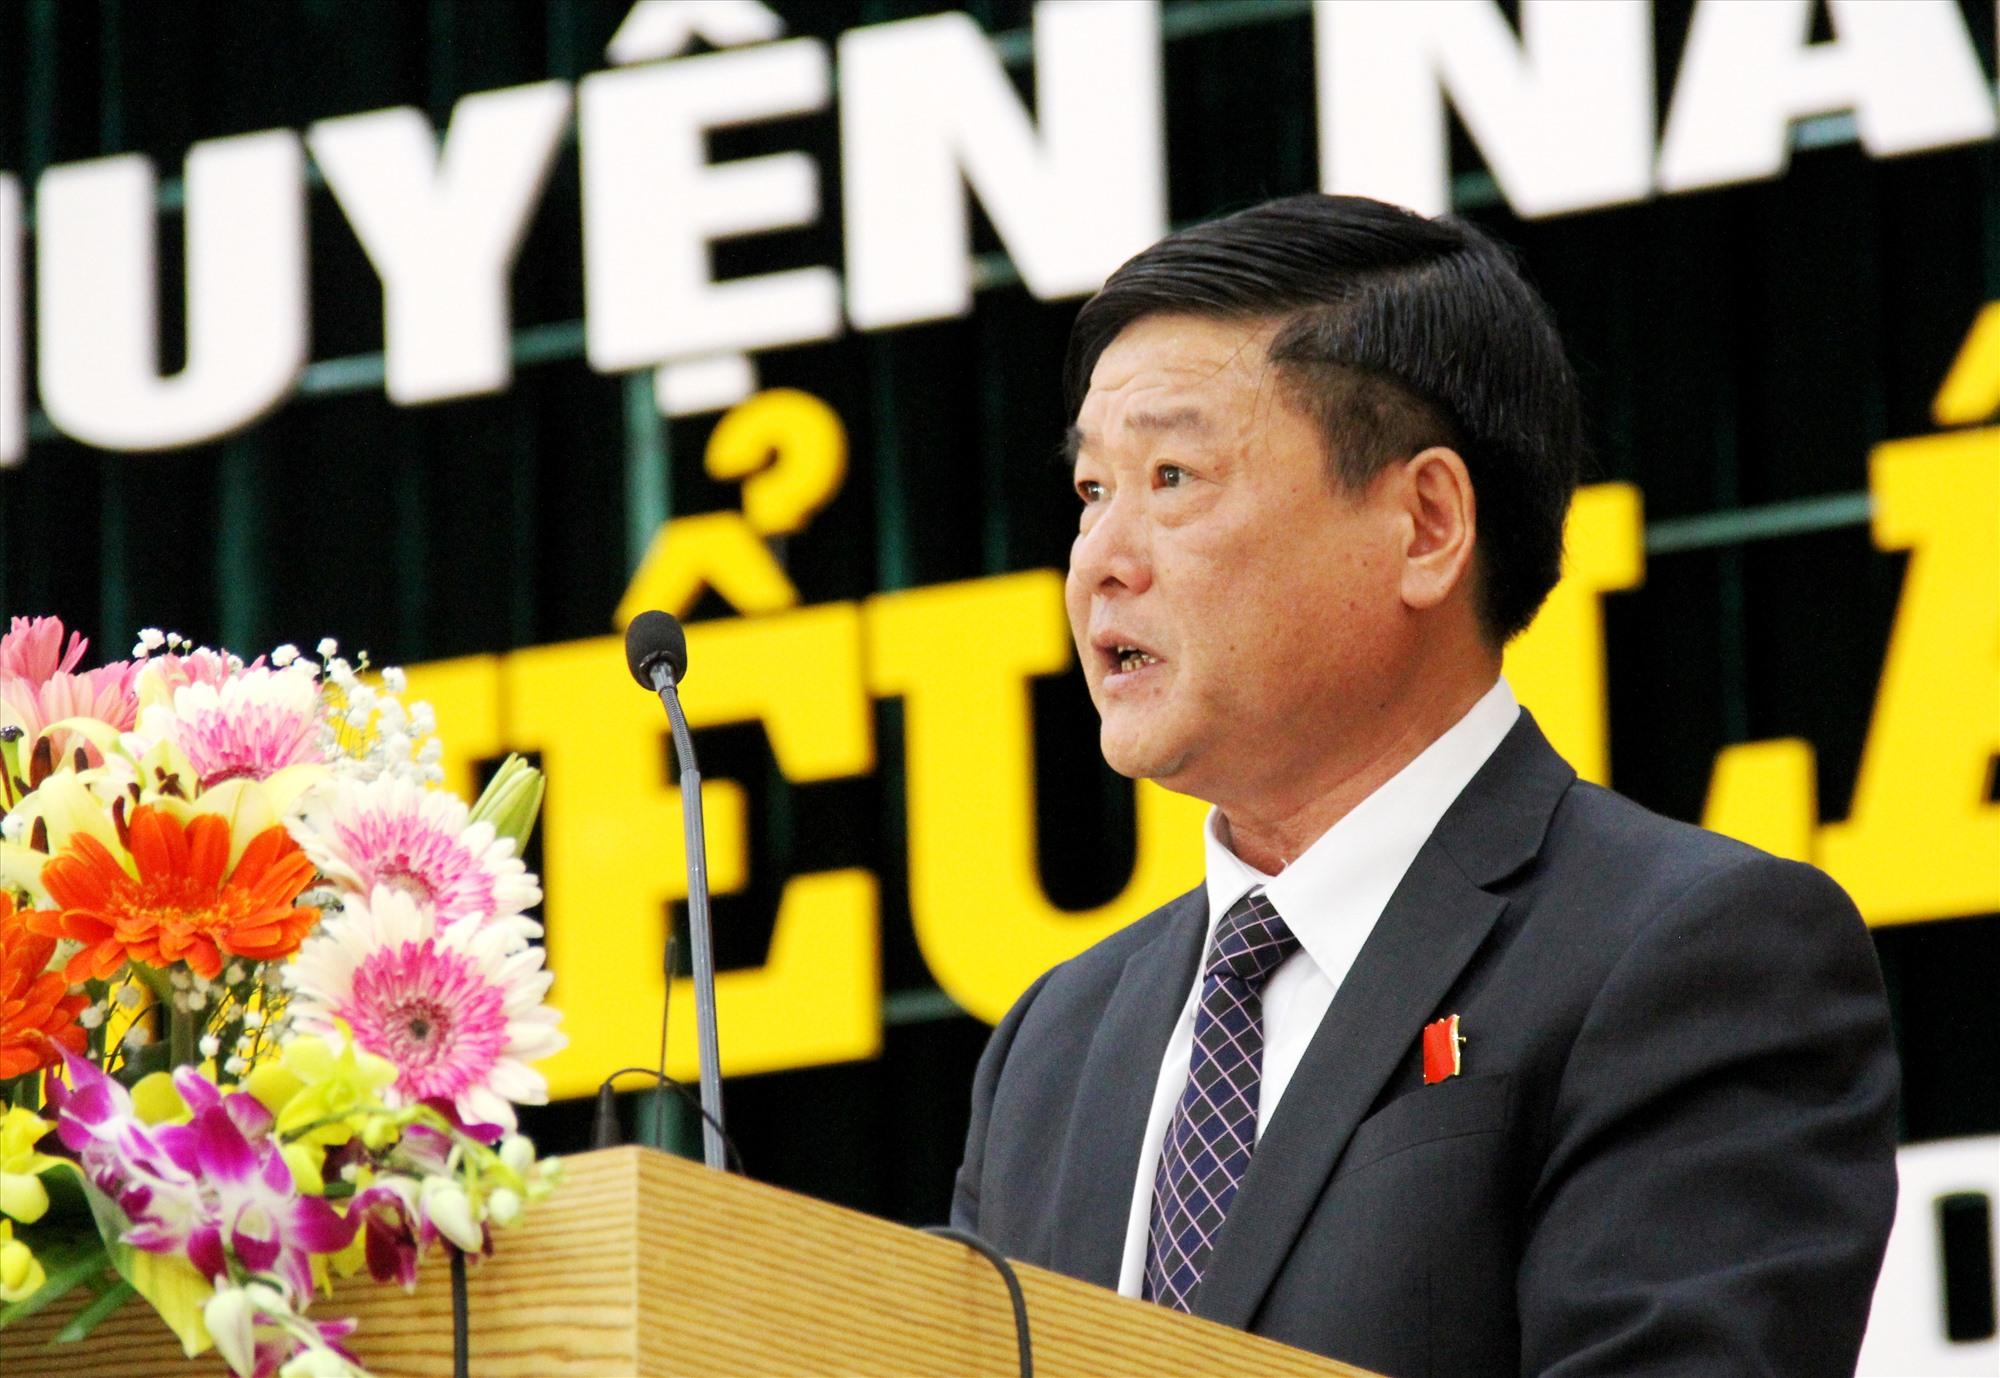 Ông Lê Văn Hường, tân Bí thư Huyện ủy Nam Giang nhiệm kỳ 2020 - 2025. Ảnh: A.N